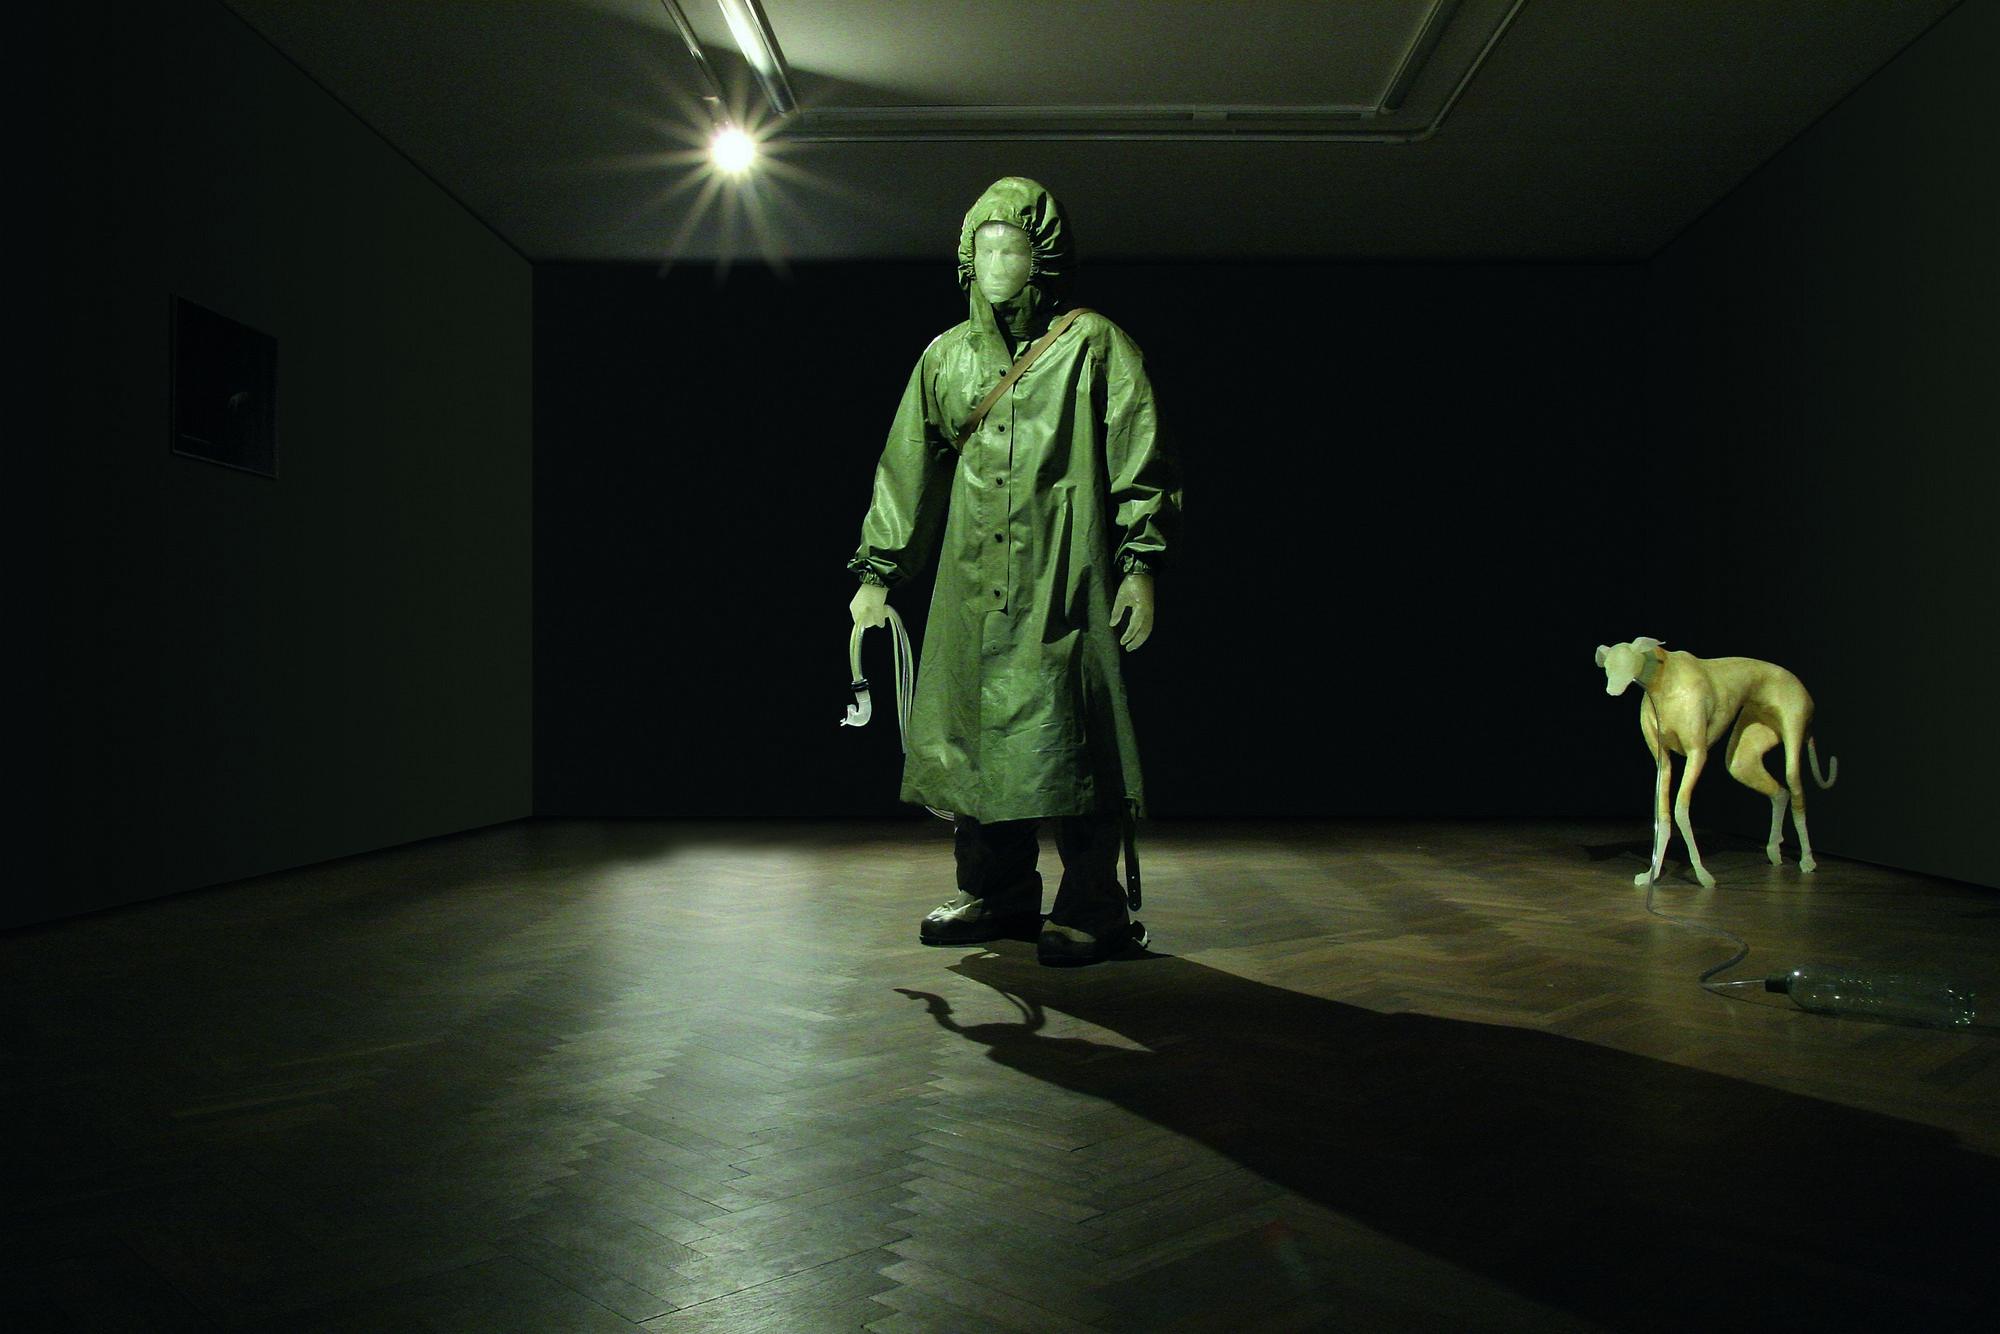 """Kuba Bąkowski, """"Chłopiec i jego pies"""", 2006, rzeźba, żywica epoksydowa, styropian, wojskowe ubranie ochronne, butelka PET, rurki plastikowe (źródło: materiały prasowe organizatora wystawy)"""